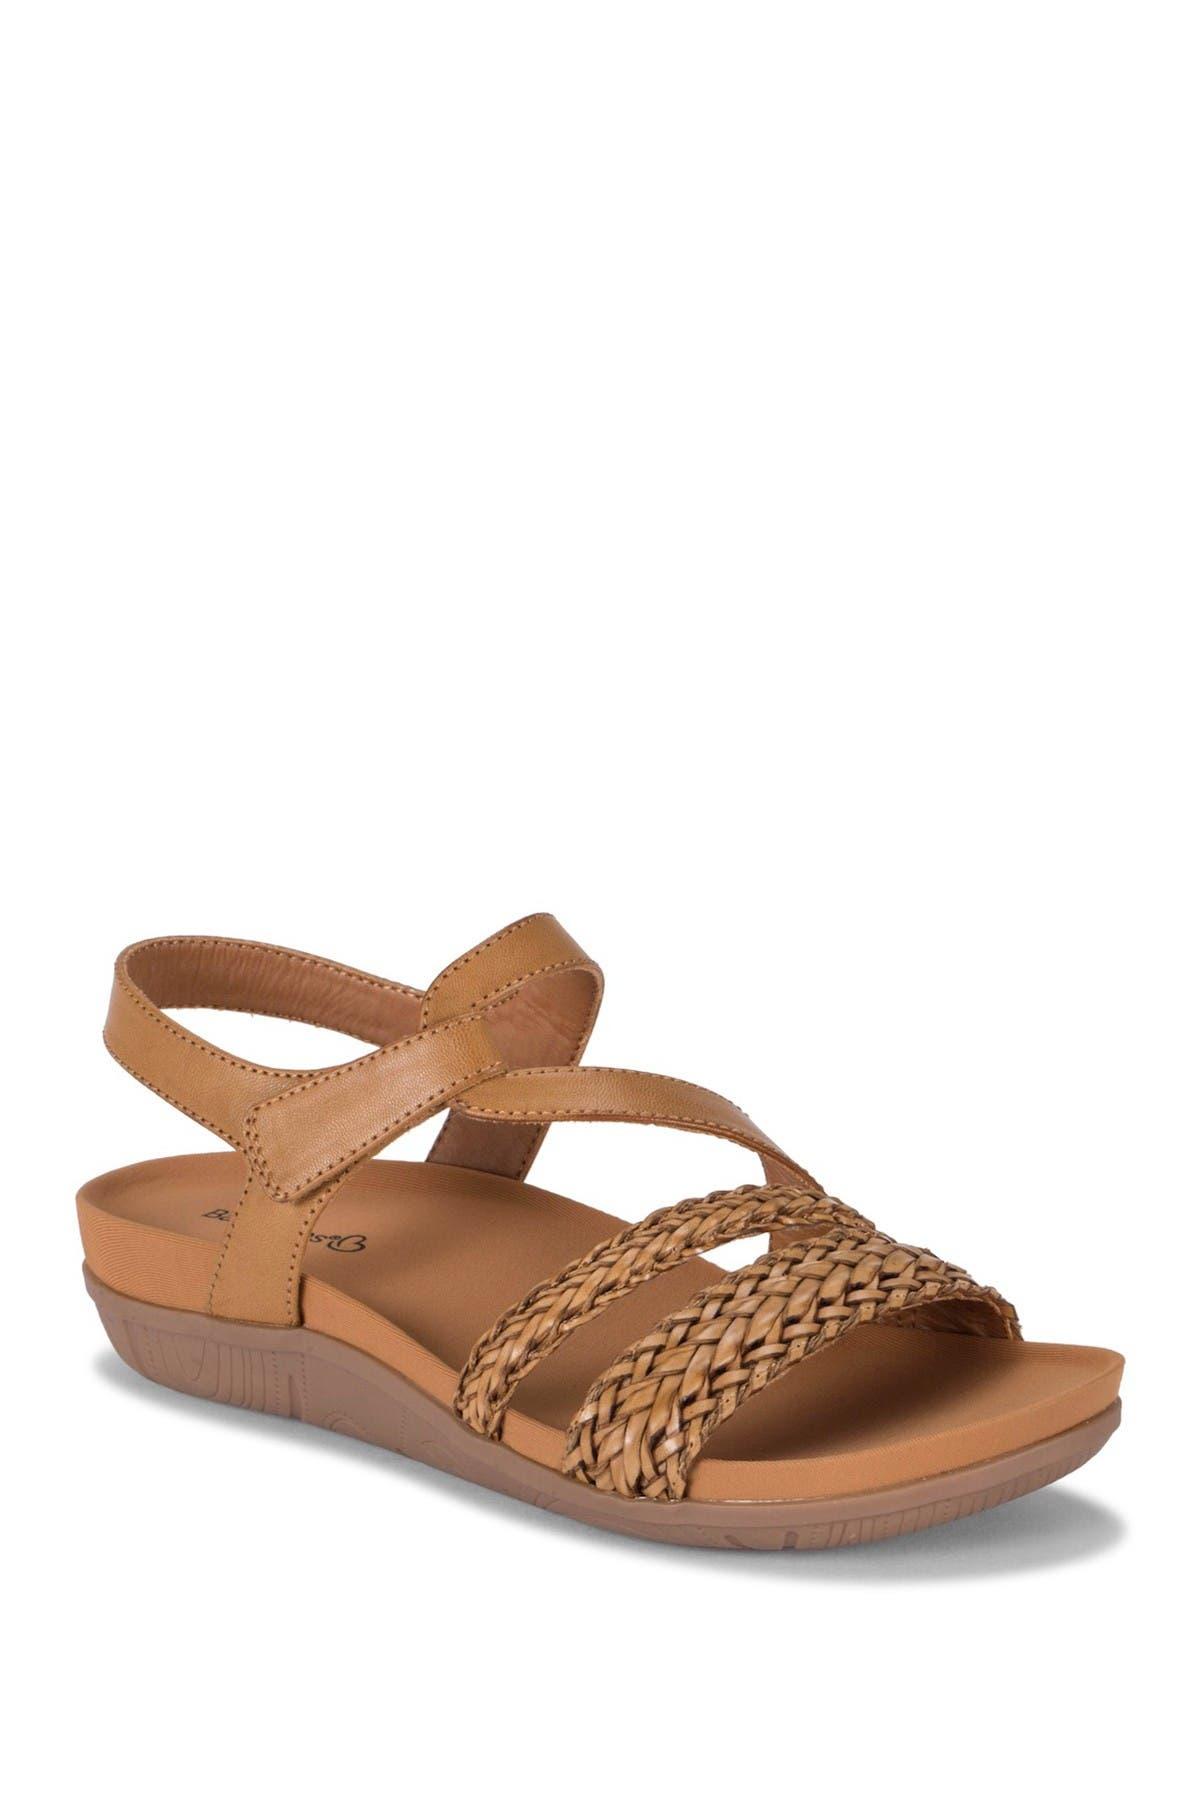 Baretraps Sandals JALEN CASUAL SANDAL